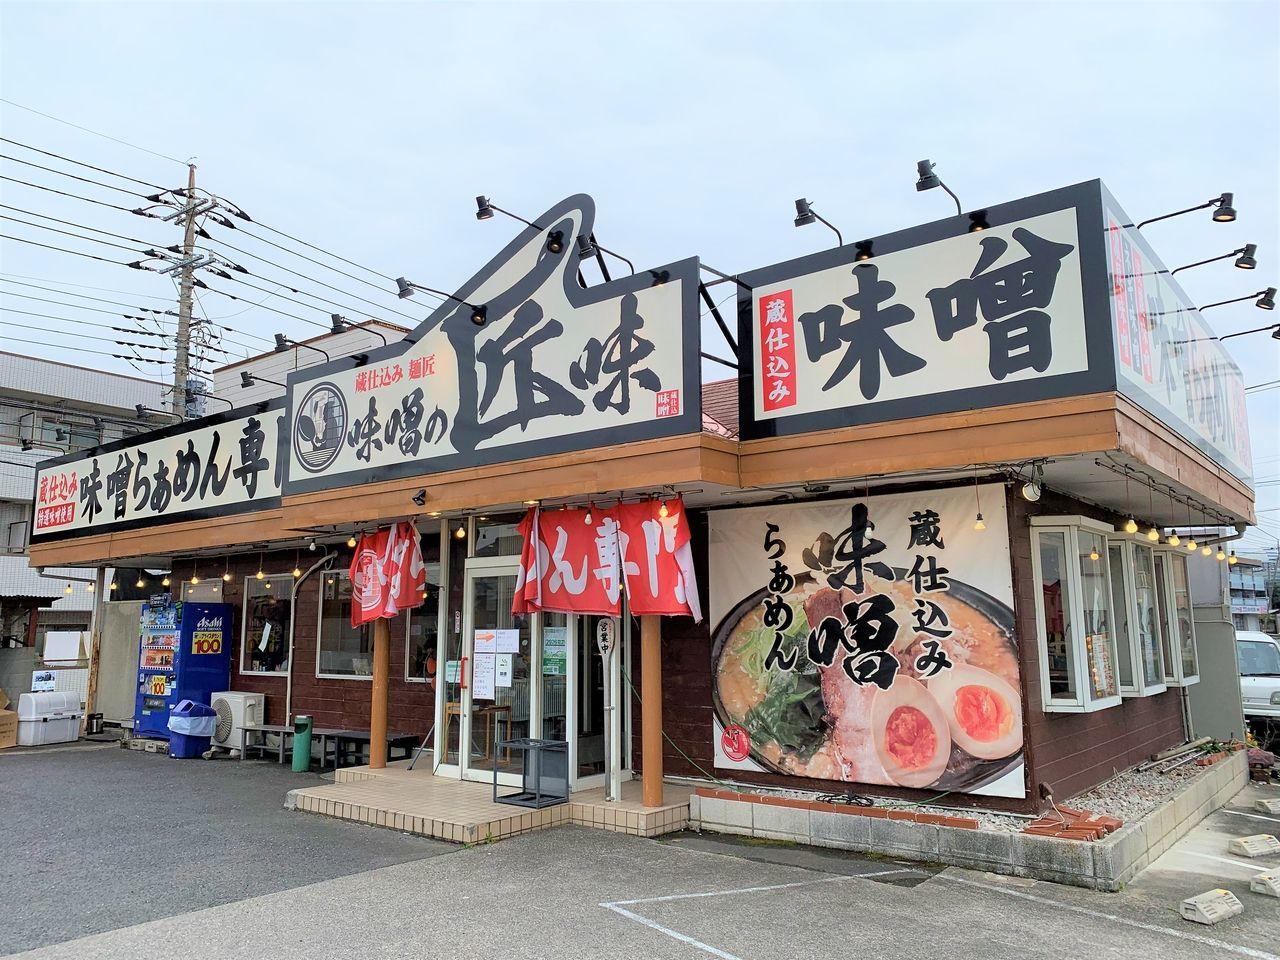 【三郷市食べ歩きブログ】三郷市鷹野5丁目にある味噌ラーメン専門店「味噌の匠味」へ行ってきました!